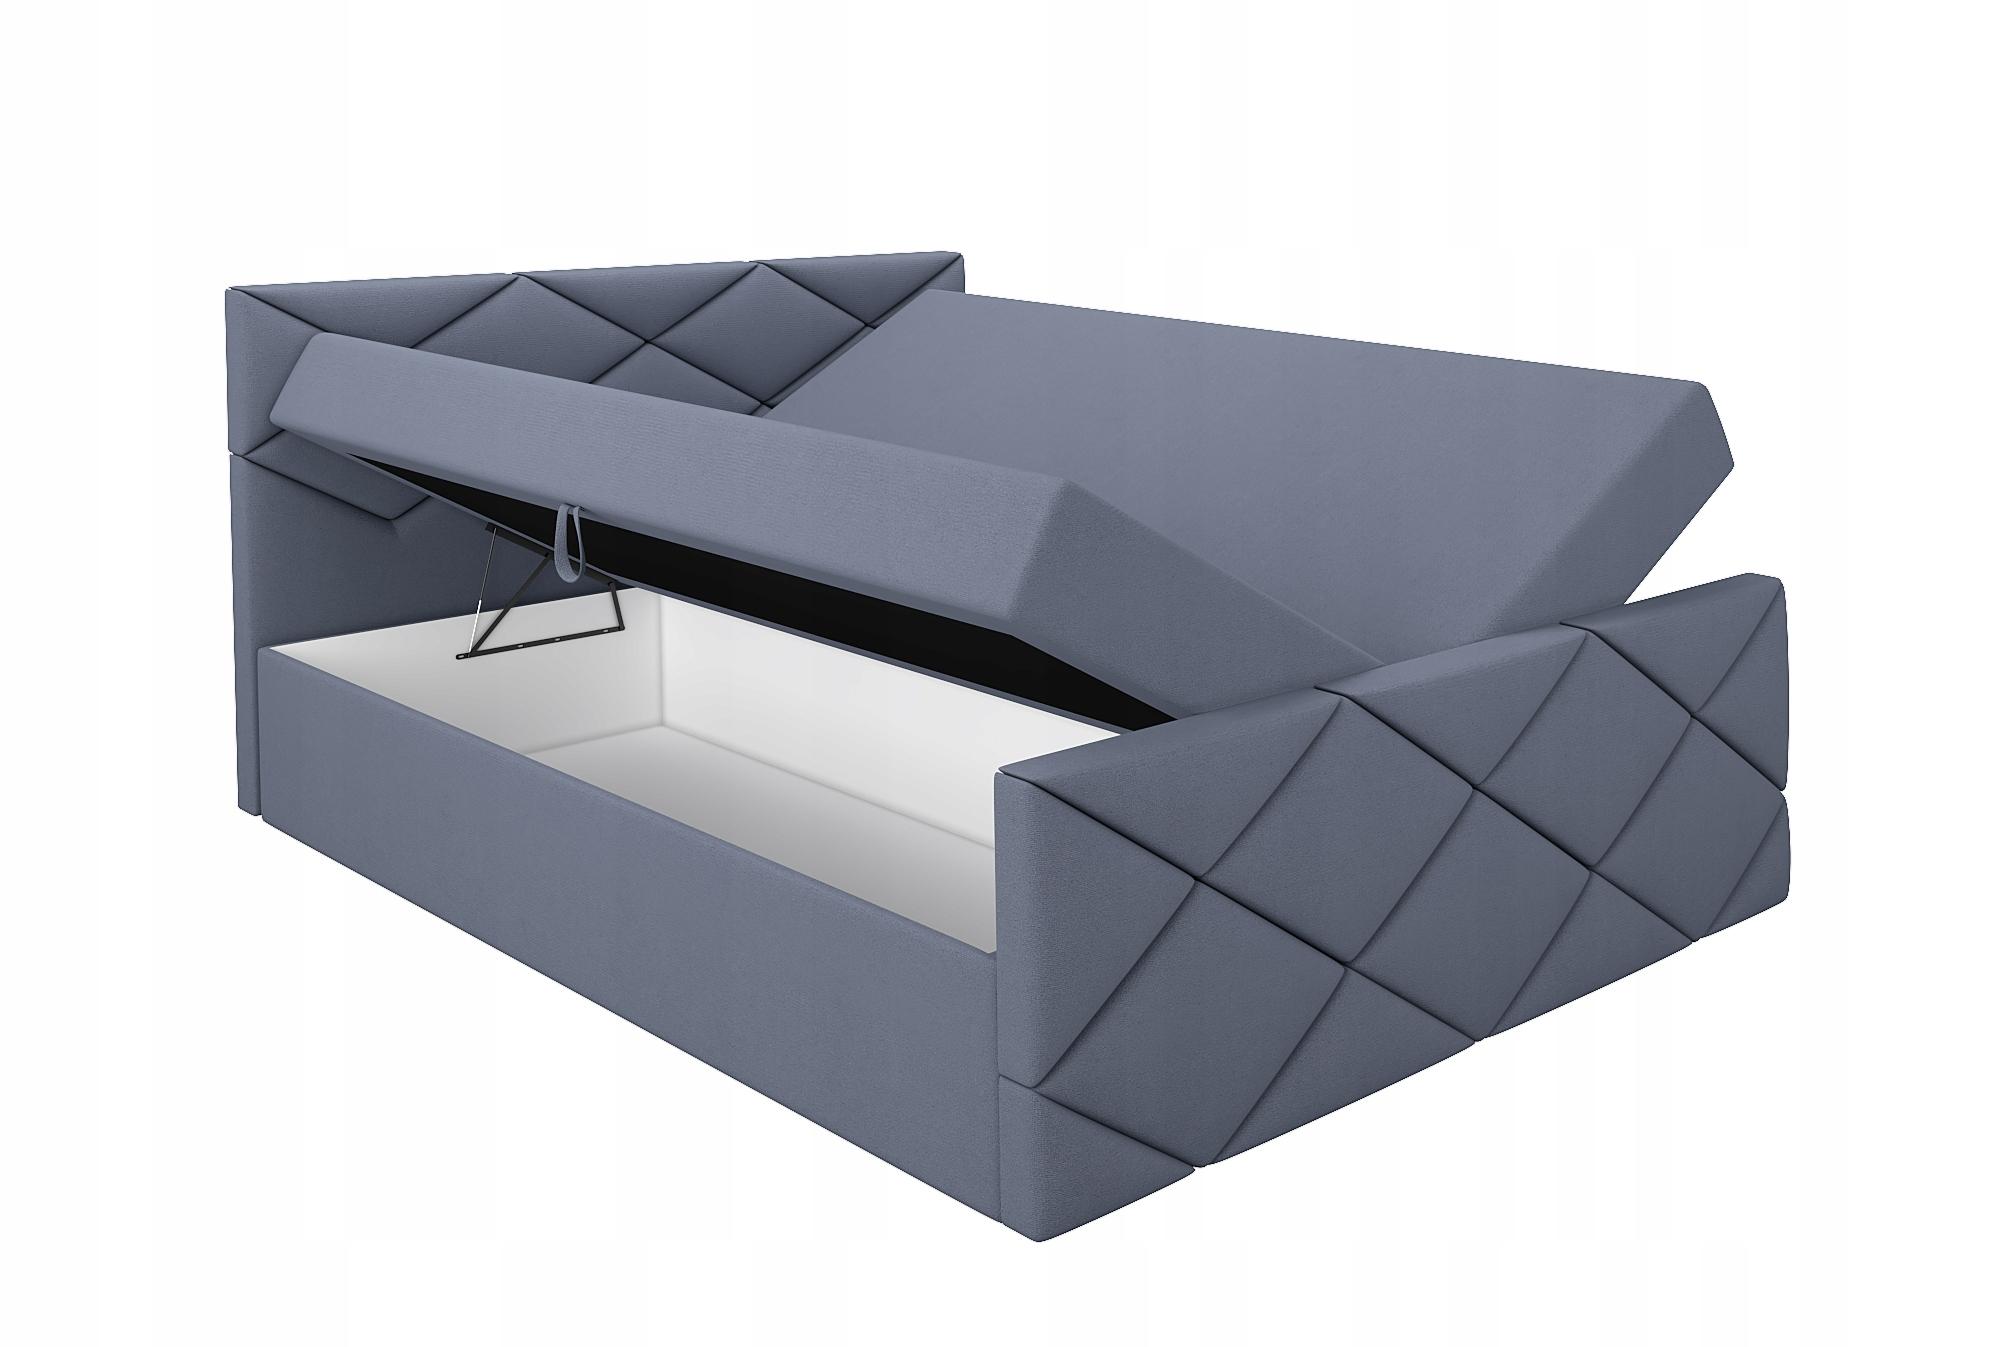 Łóżko Tapicerowane Kontynentalne LUX 120 materac Szerokość mebla 120 cm